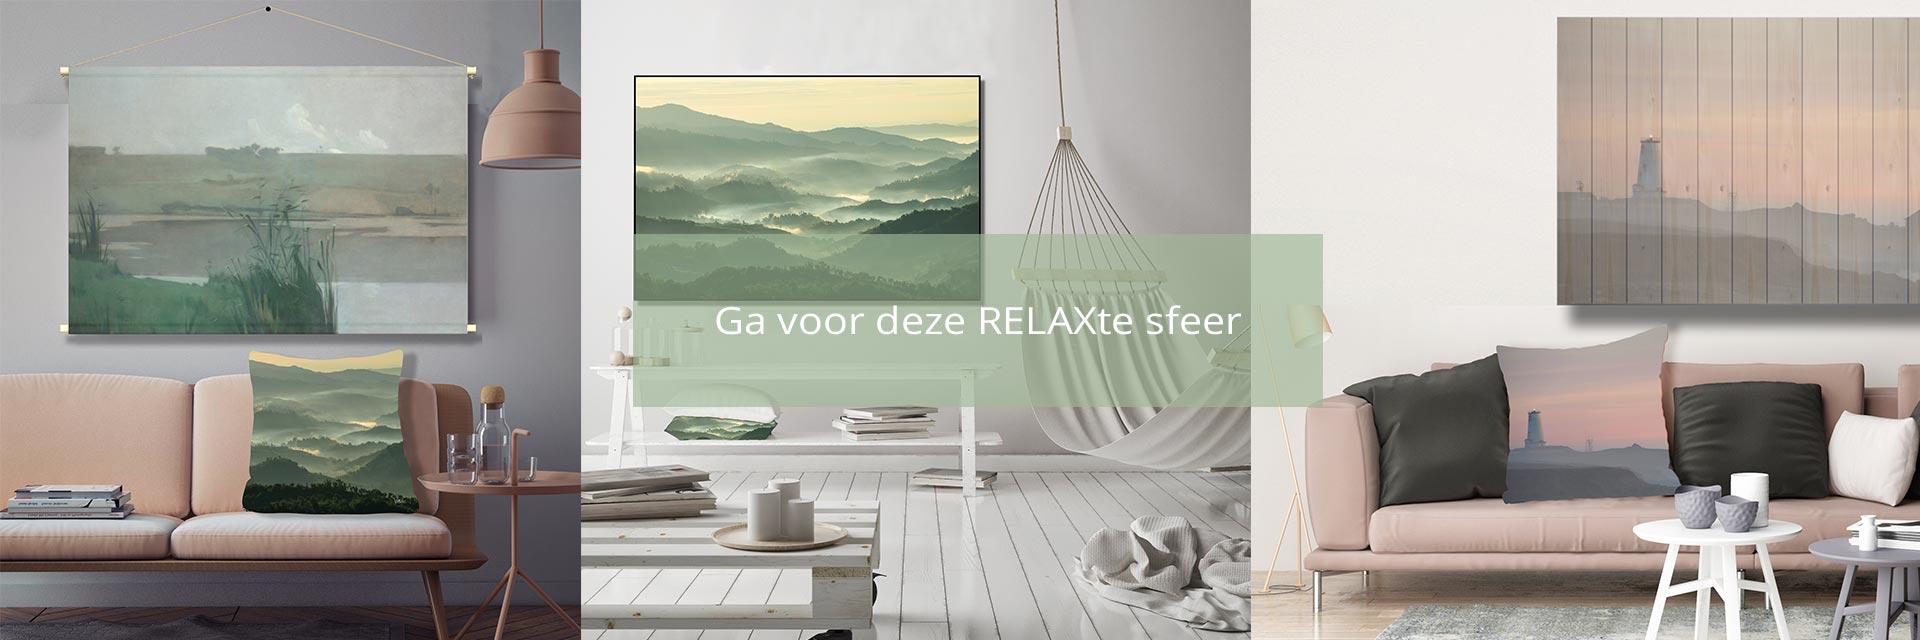 WANDenWOONdeco.nl woondecoratie sfeer RELAX